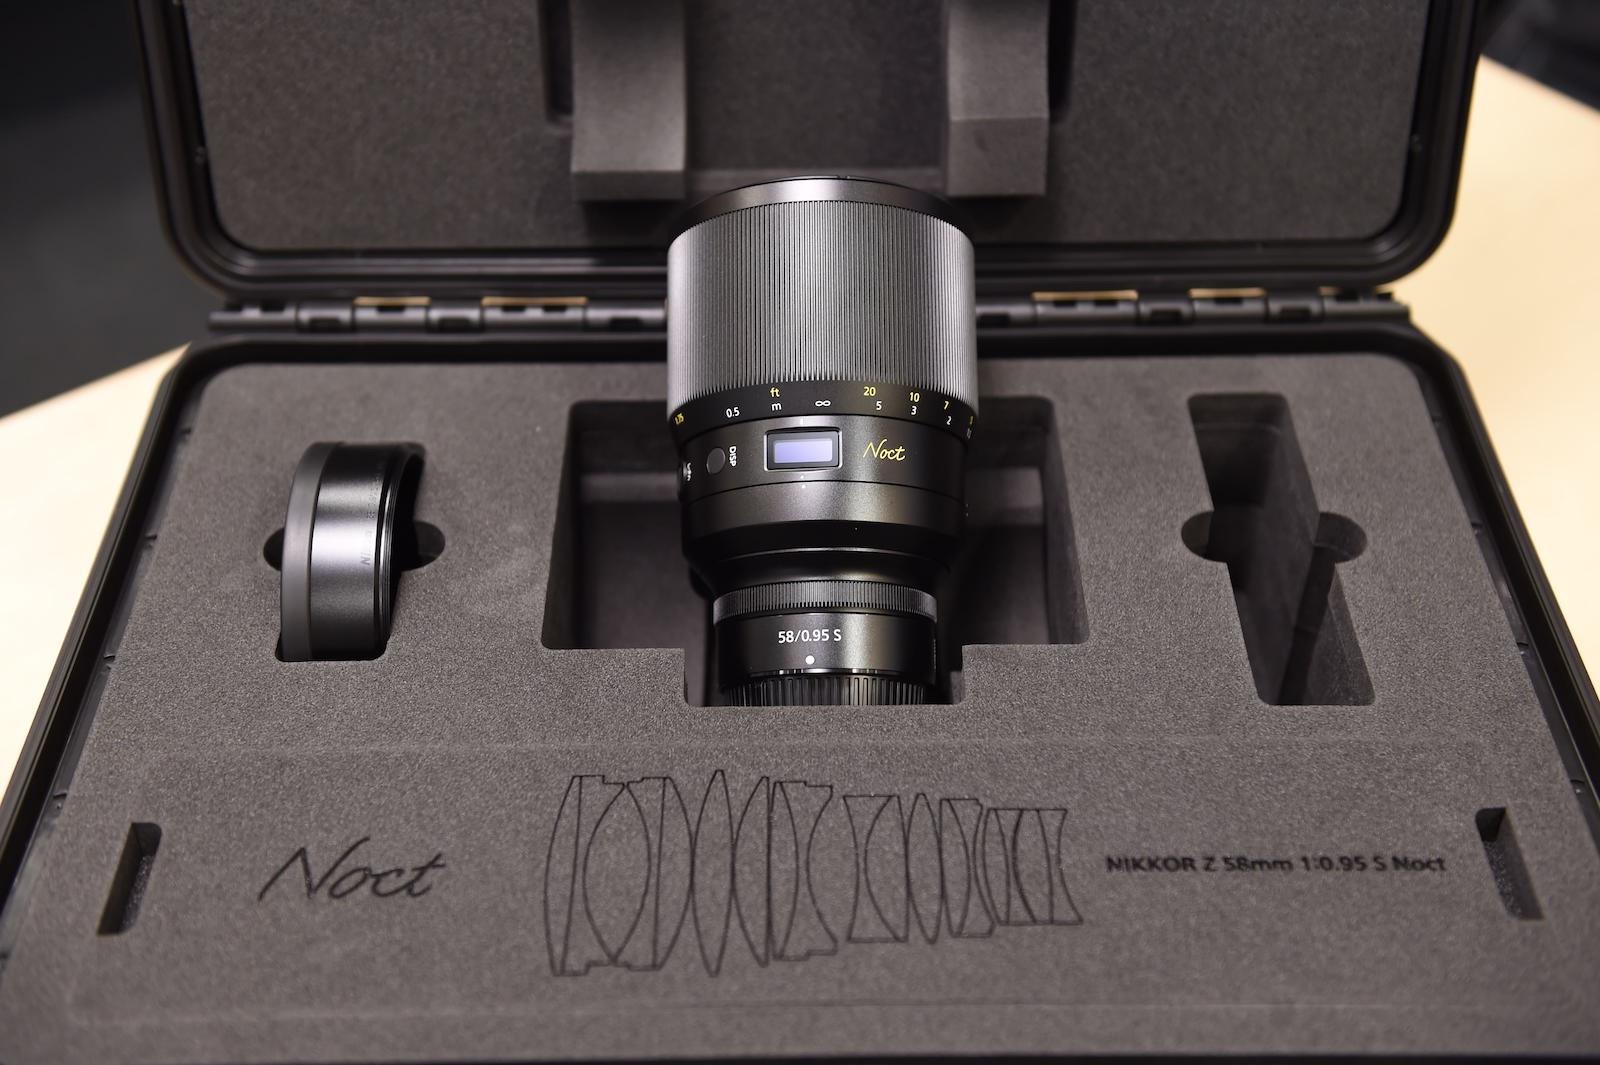 Nikon-Nikkor-Z-58mm-f0.95-S-Noct-lens-4.